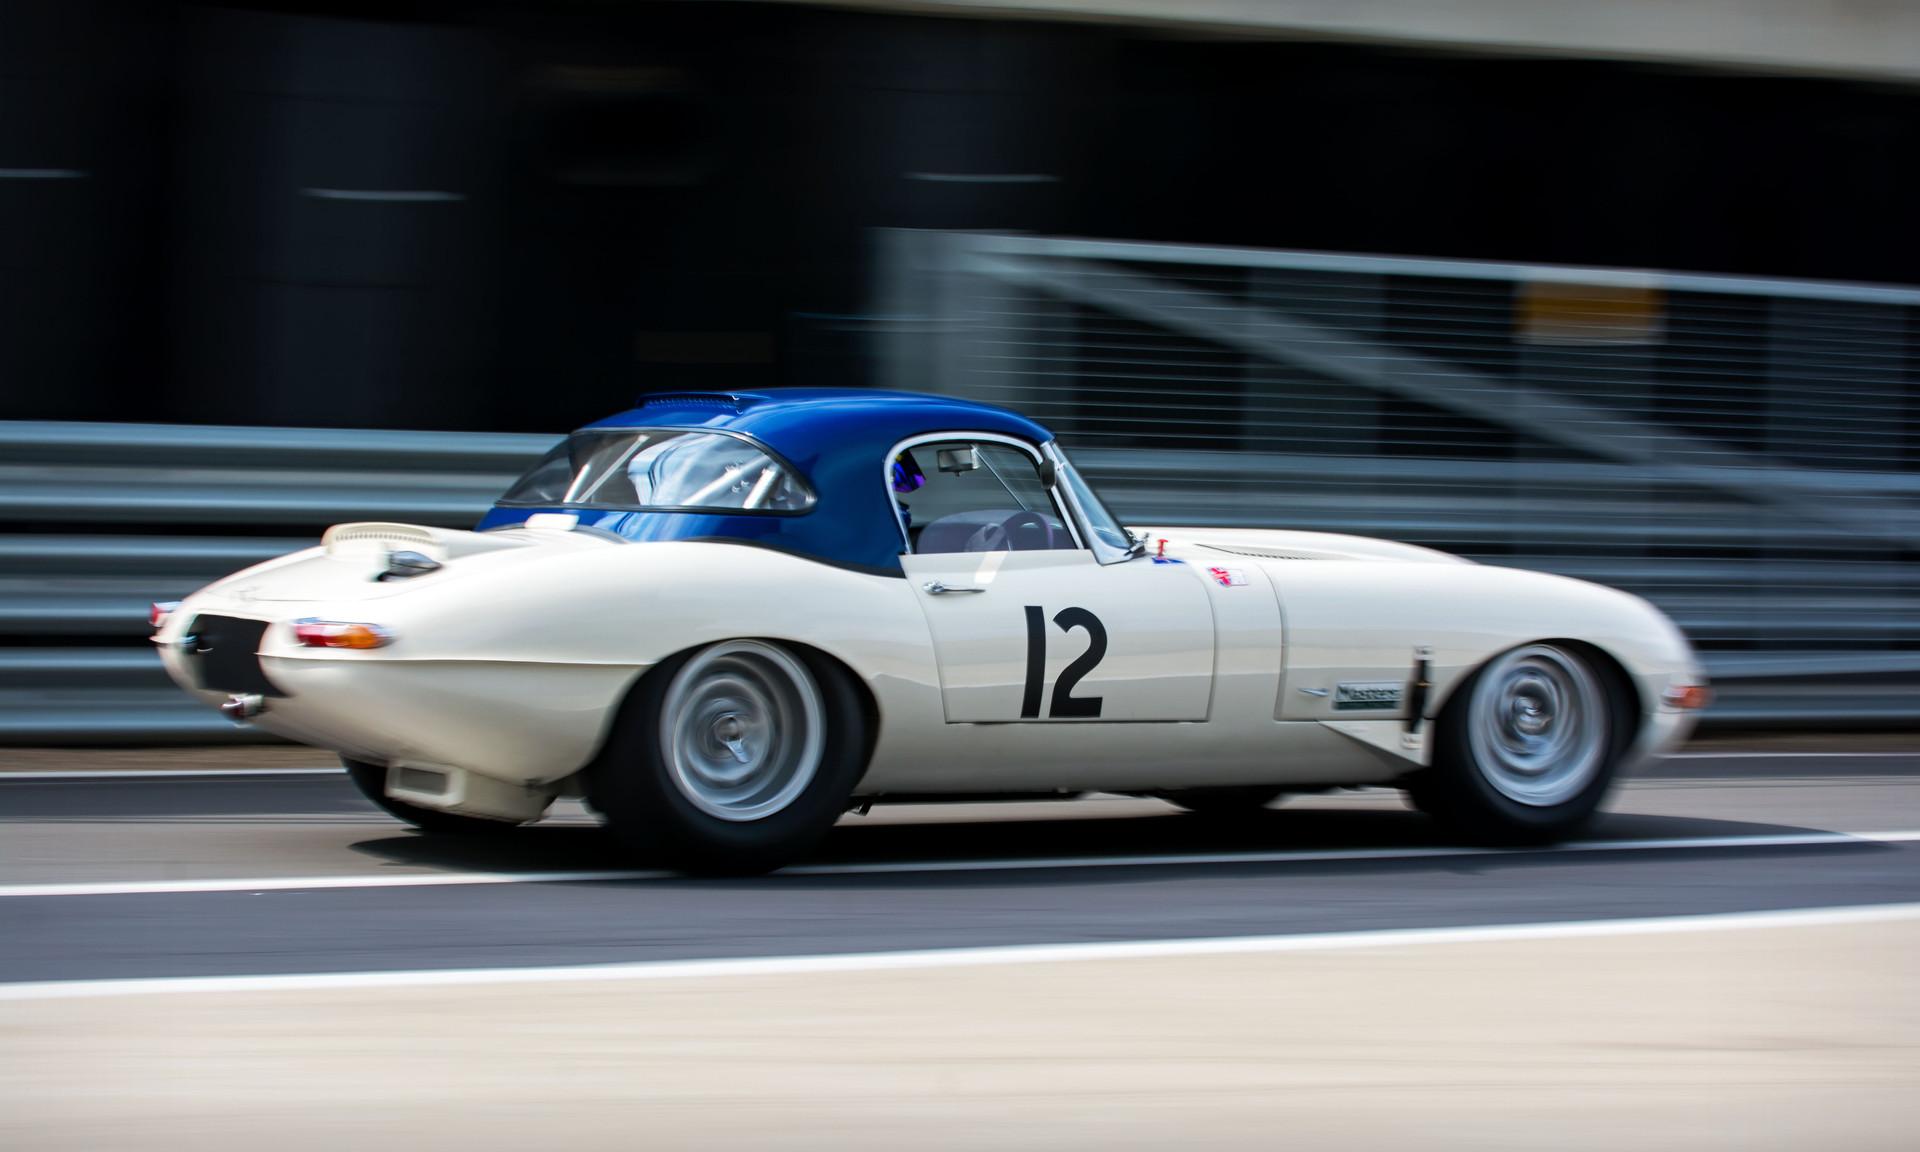 Richard Kent's 1962 Jaguar E-Type